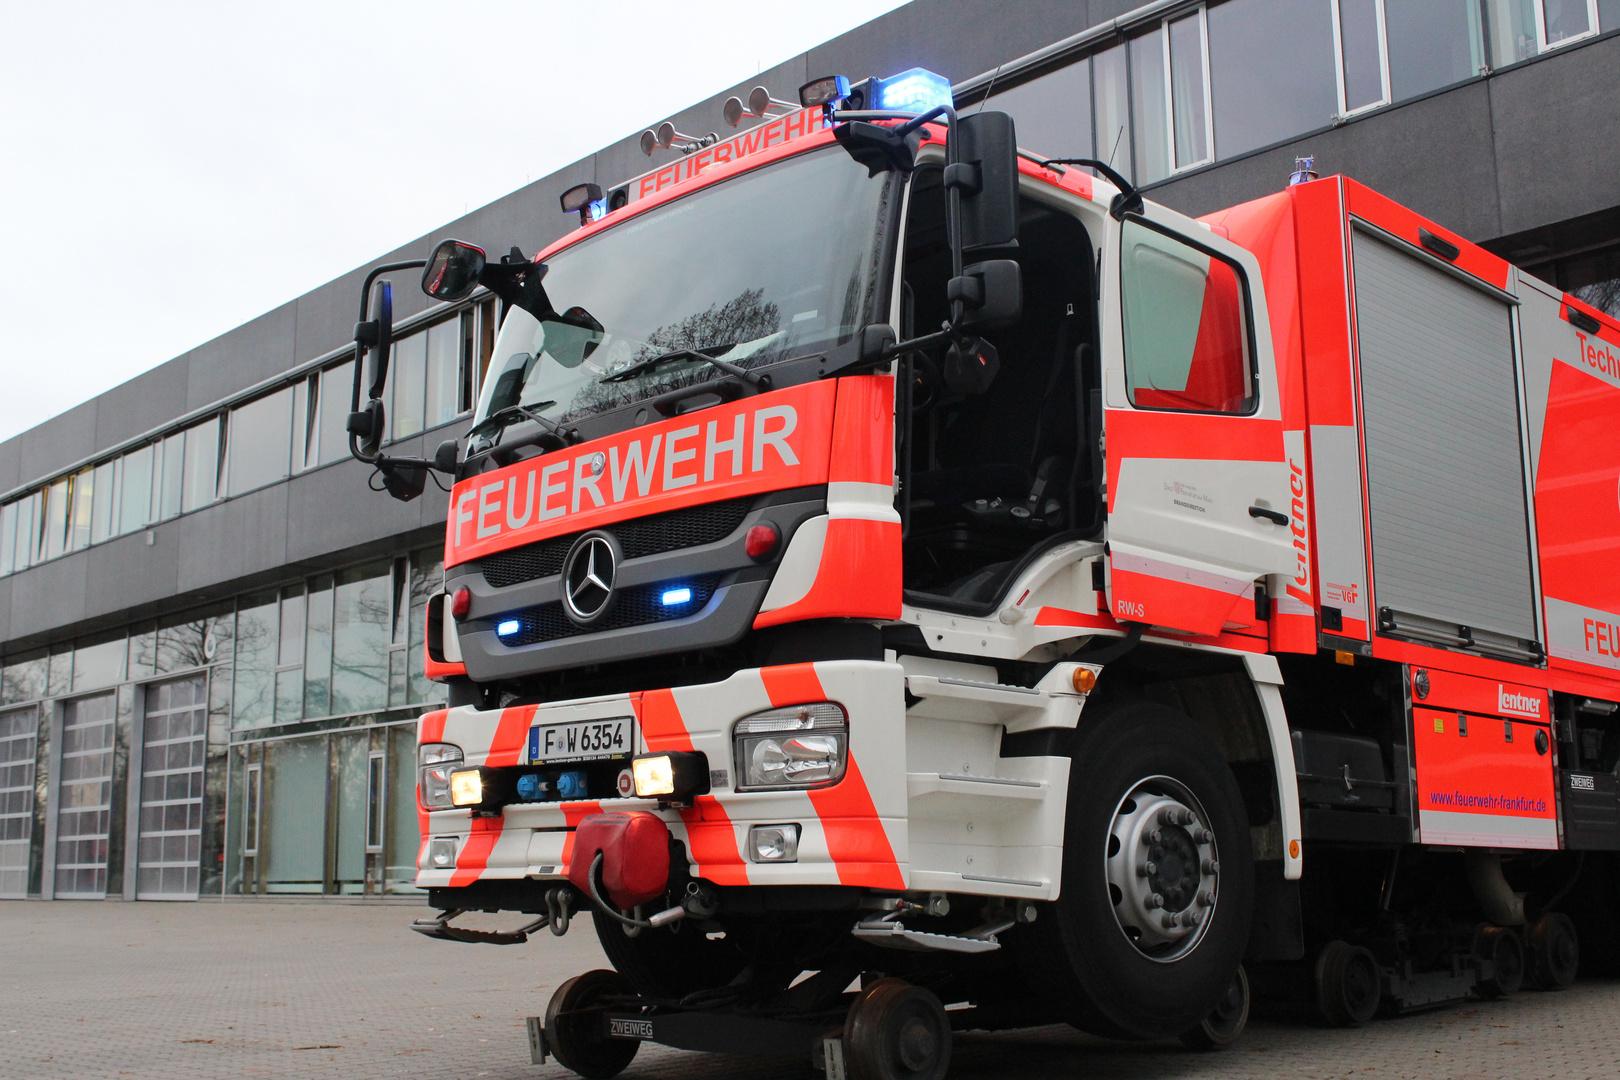 Schienenfahrzeug der Berufsfeuerwehr Frankfurt am Main I